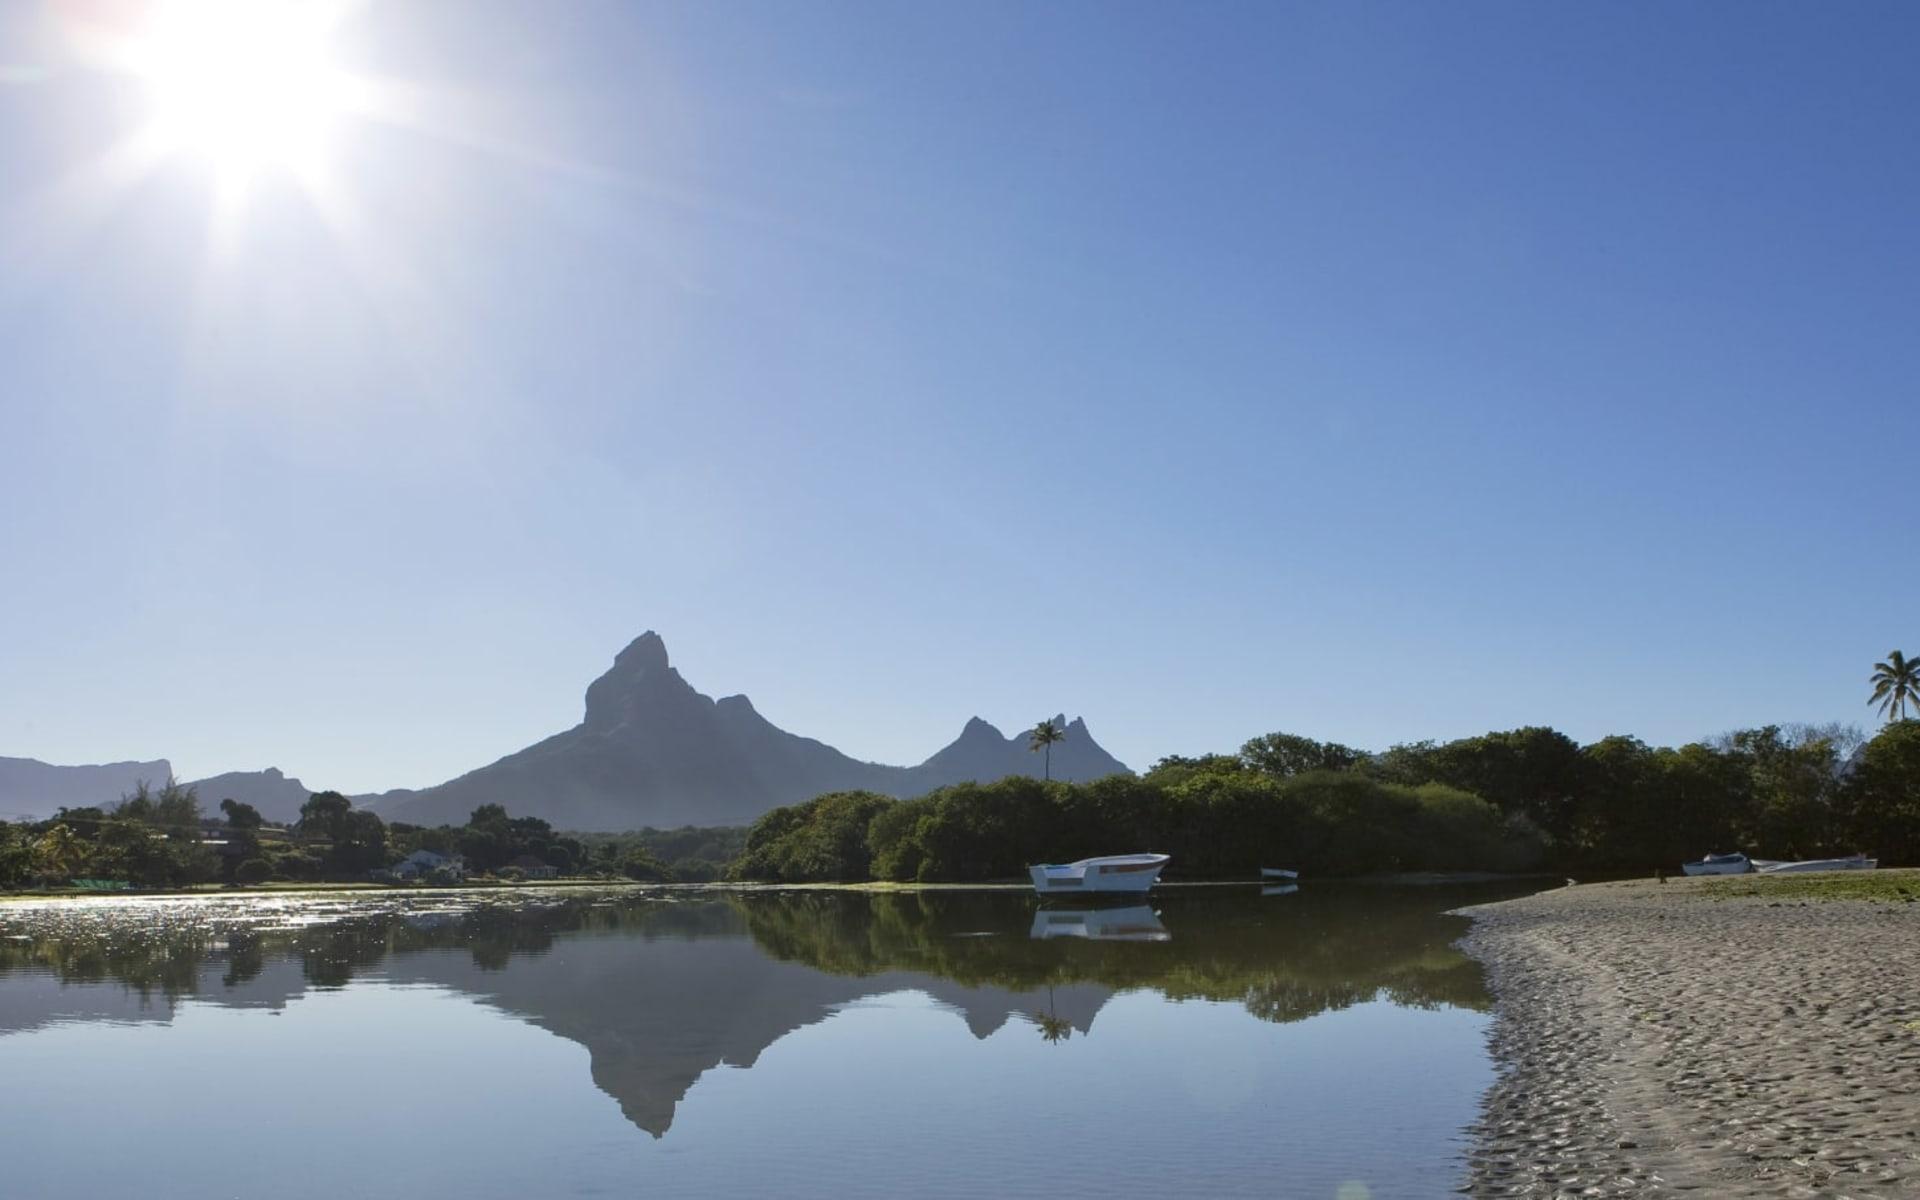 Entdeckungsreise Mauritius ab Mahébourg: Nature